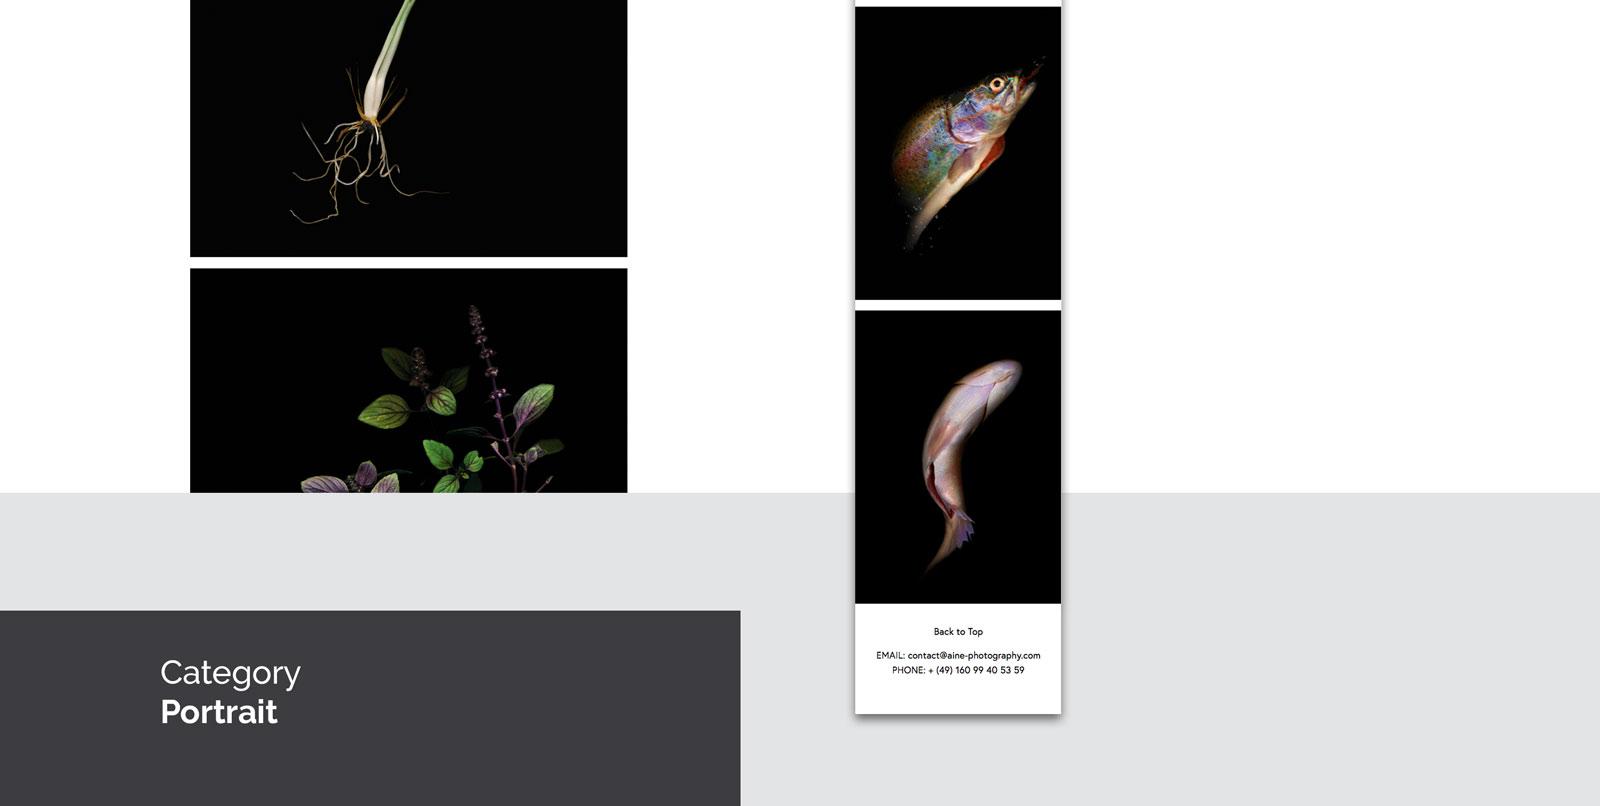 Hoerter_Responsive_Webdesign_8.jpg